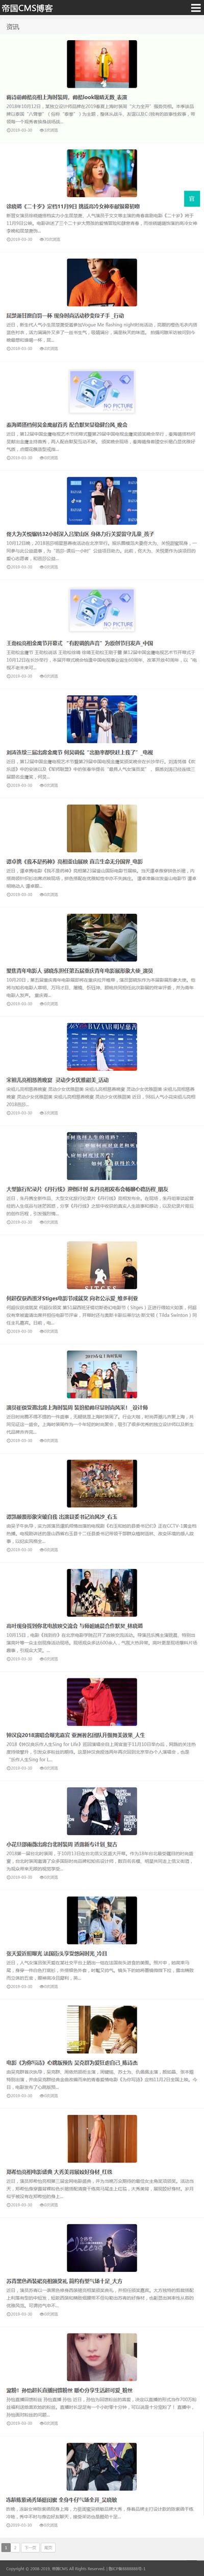 帝国博客模板之响应式自适应网站模板_手机版列表页